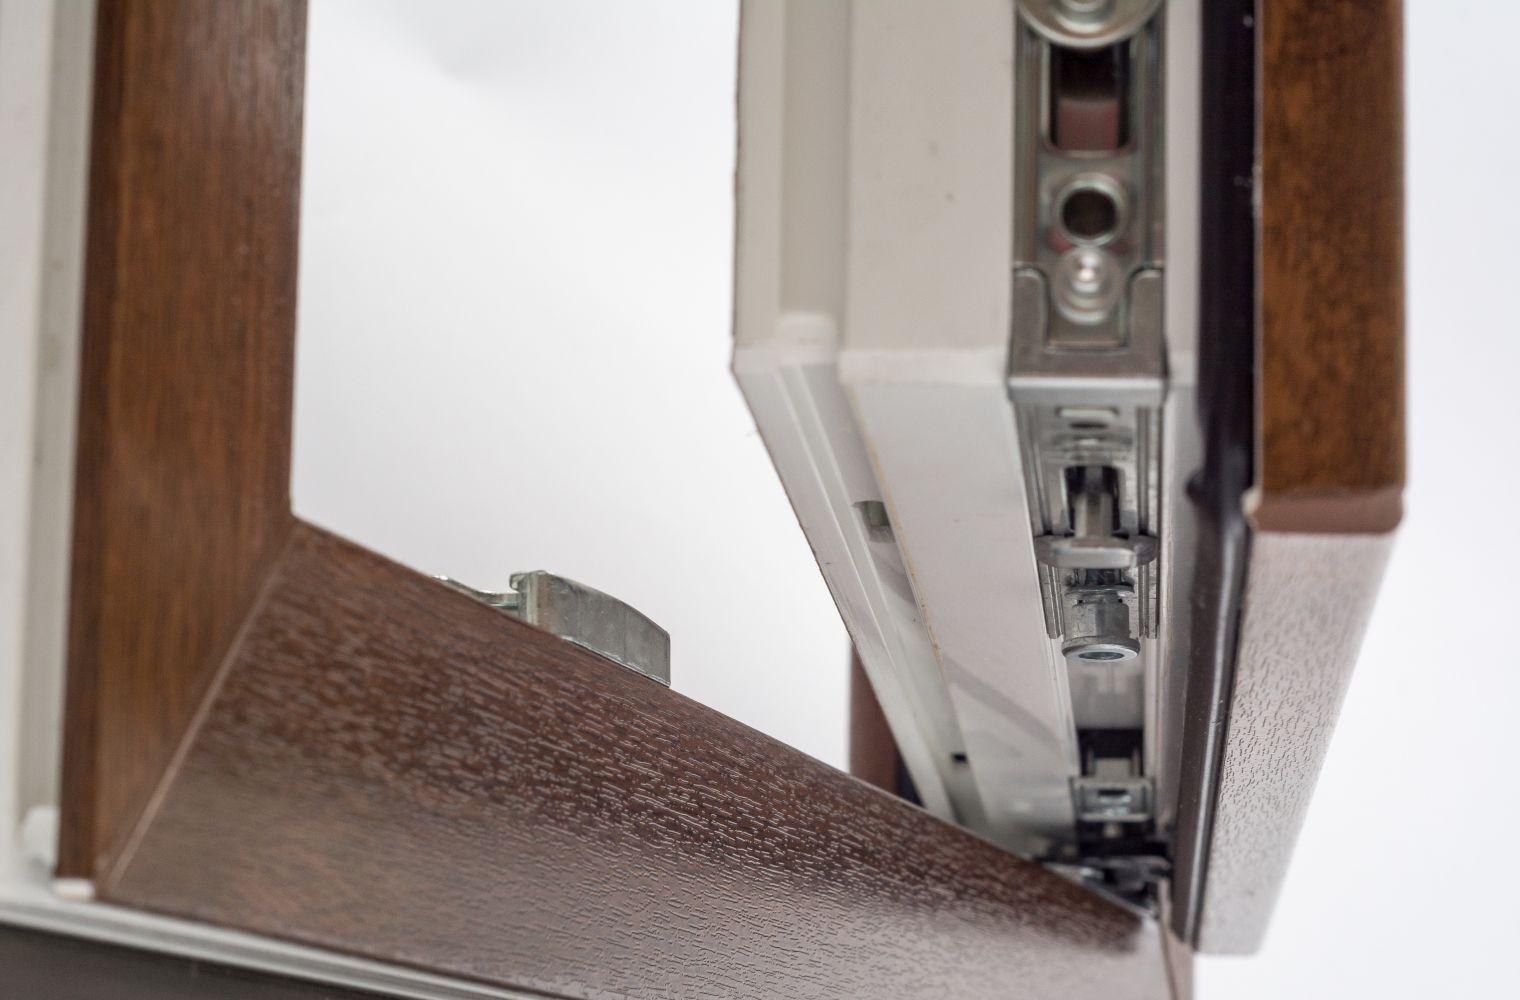 Full Size of Trocal Fenster Veka Weru Salamander Einbruchschutz Nachrüsten Aluminium Rc 2 Konfigurieren Insektenschutz Standardmaße Winkhaus Reinigen Sichtschutz Fenster Sicherheitsbeschläge Fenster Nachrüsten